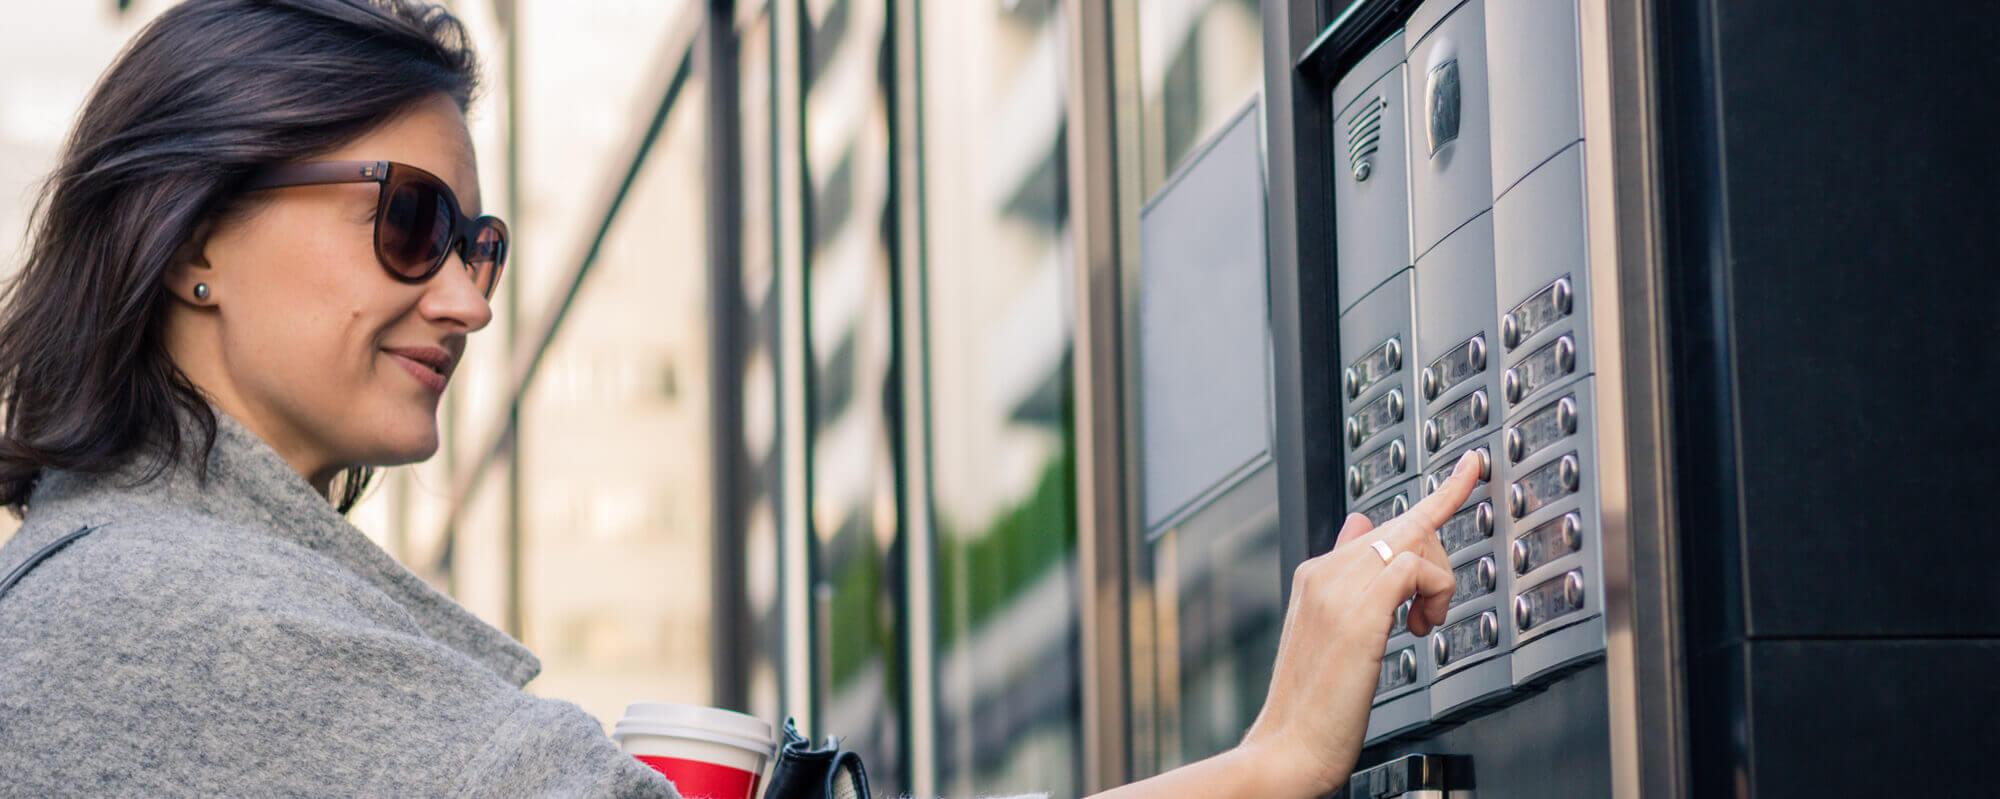 Intercom Repair London